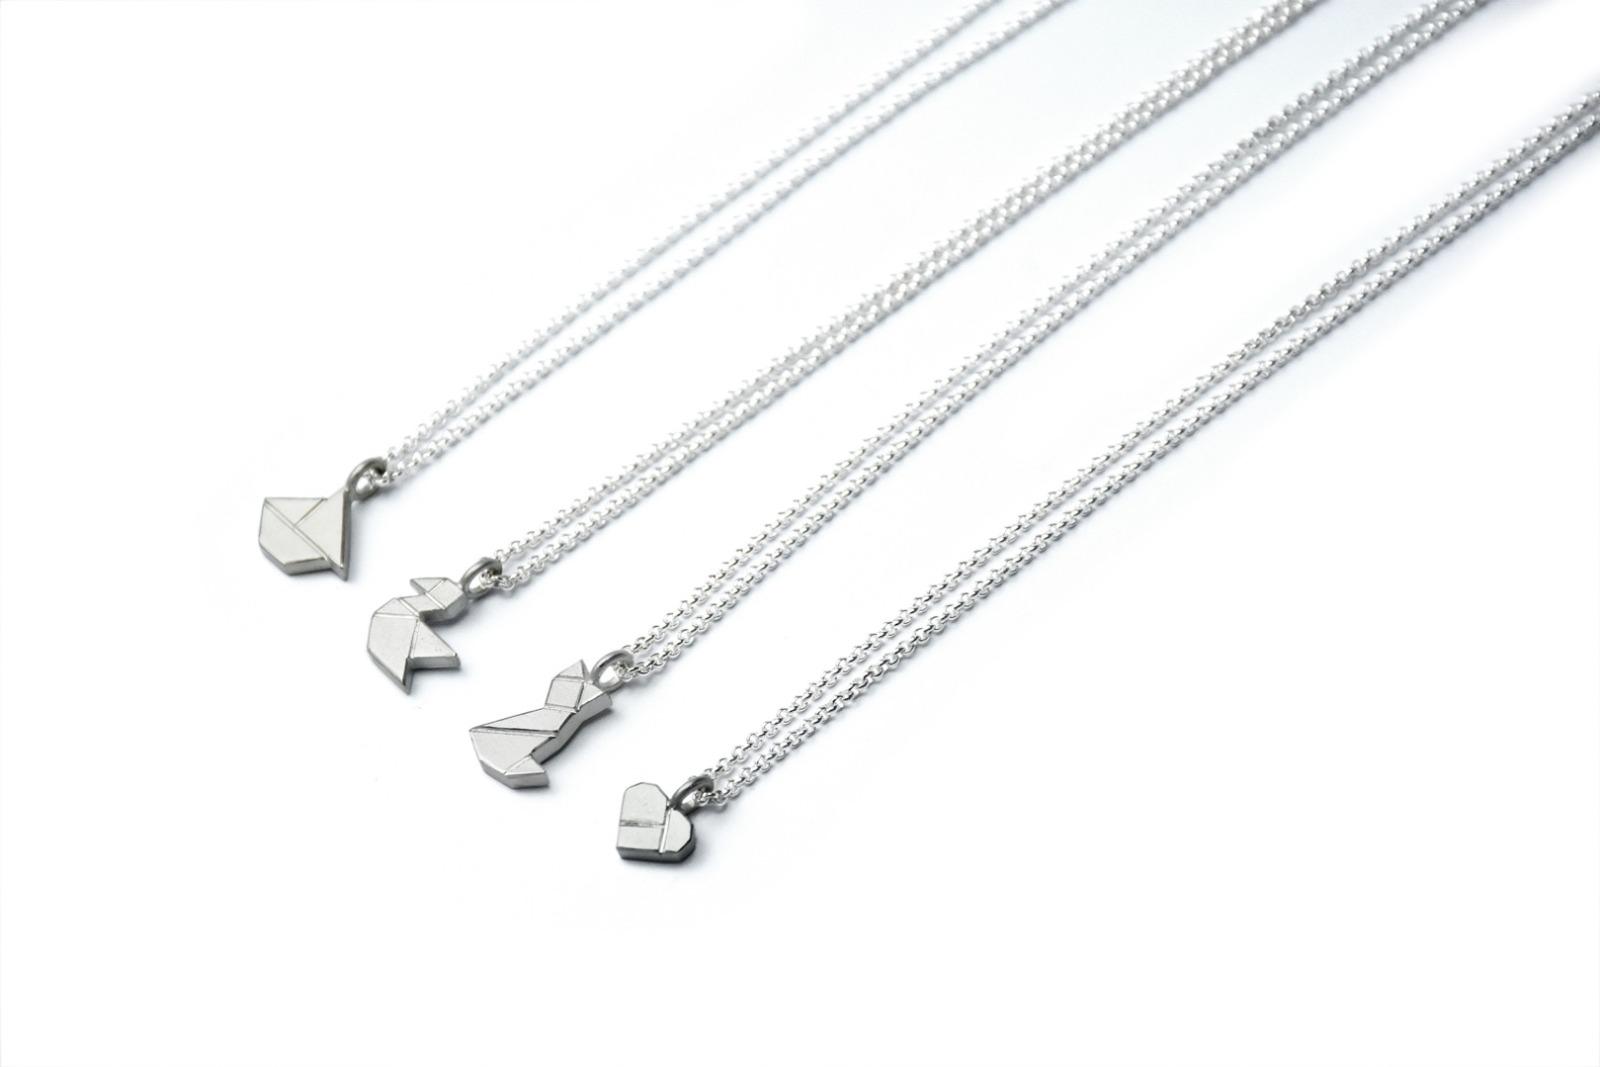 Tangram-Kette VÖGELCHEN 925 Silber 2